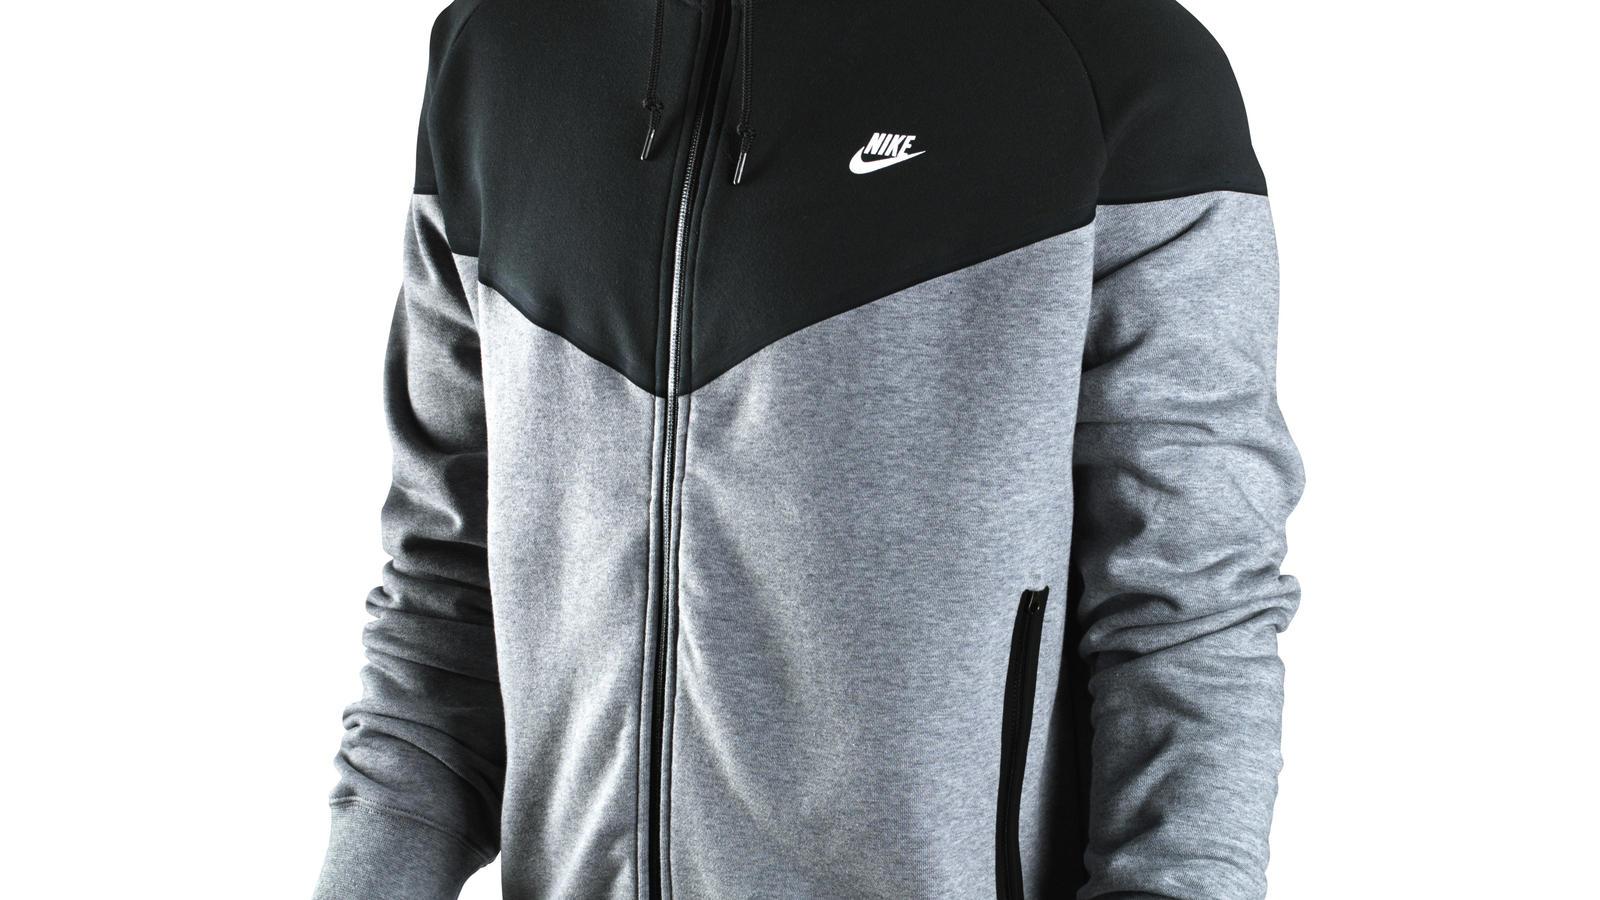 Mentalmente falda Derretido  Fall/Holiday 2009 Nike Sportswear collection - Nike News